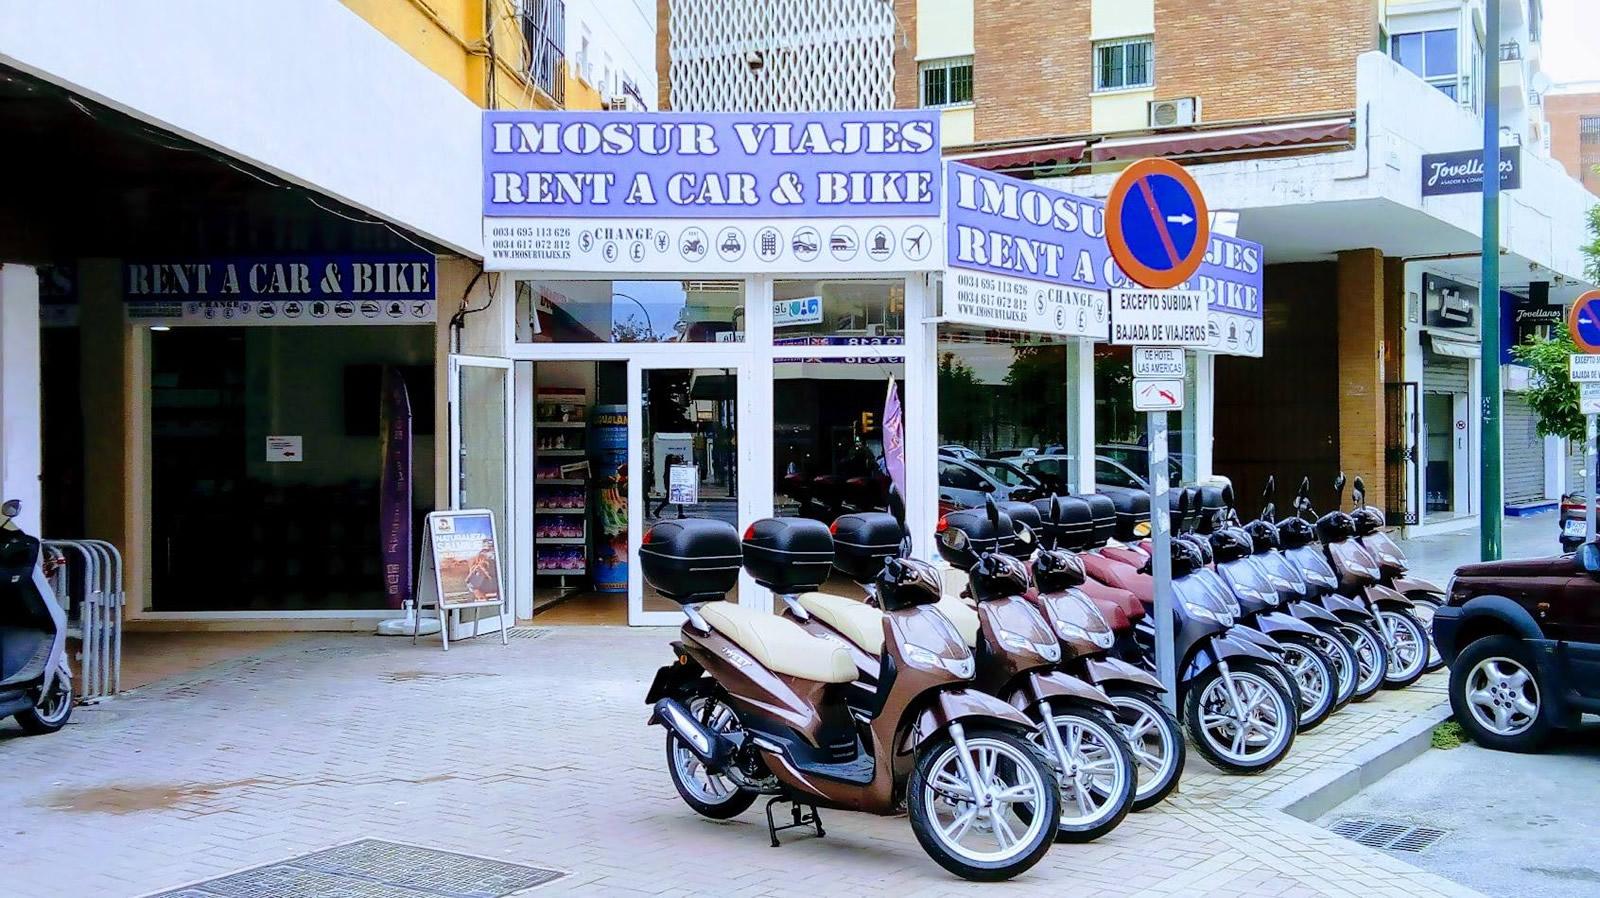 Oficina Alquiler coches Motos furgonetas Málaga